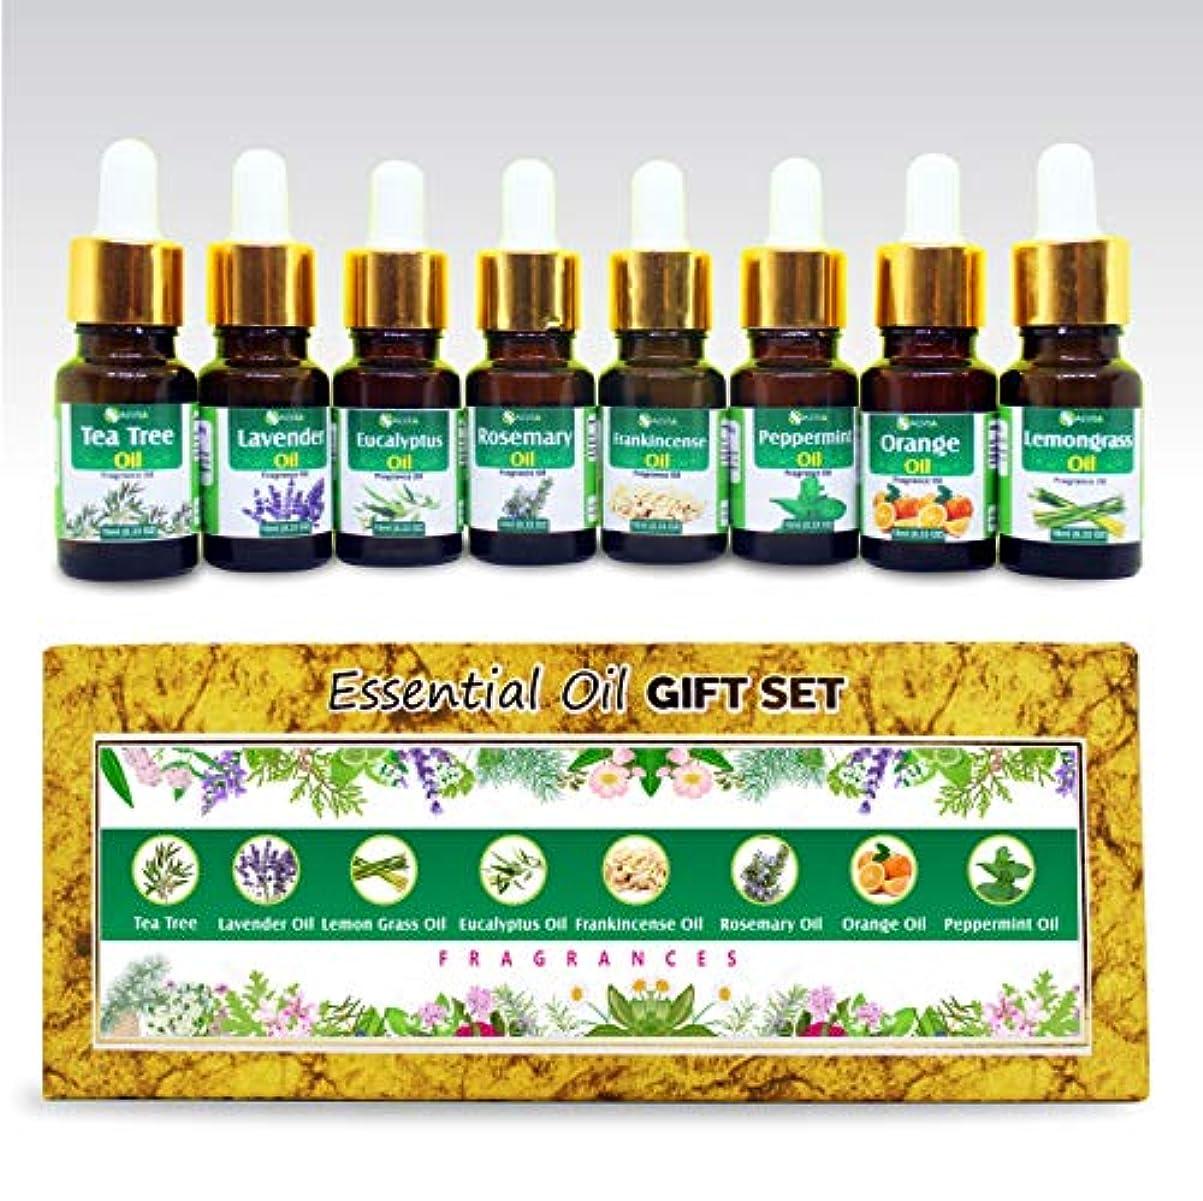 薄暗いマニアック補助Aromatherapy Fragrance Oils - Pack of 8 Essential Oils 100% Natural Therapeutic Oils - 10 ML each (Tea Tree, Lavender...